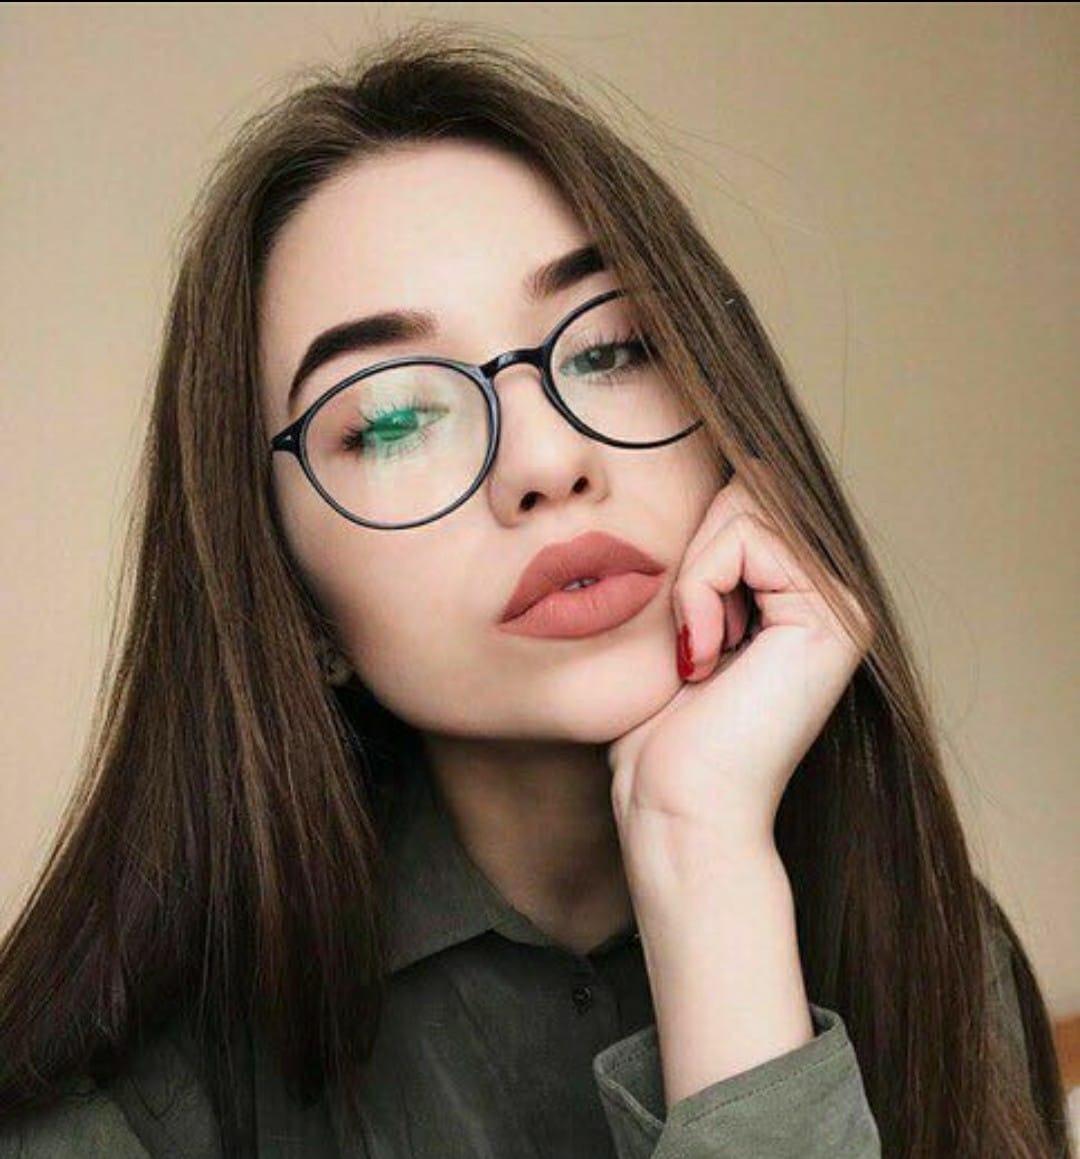 81b14c5c7 óculos sem grau para mulher dia noite armação redonda barato. Carregando  zoom.